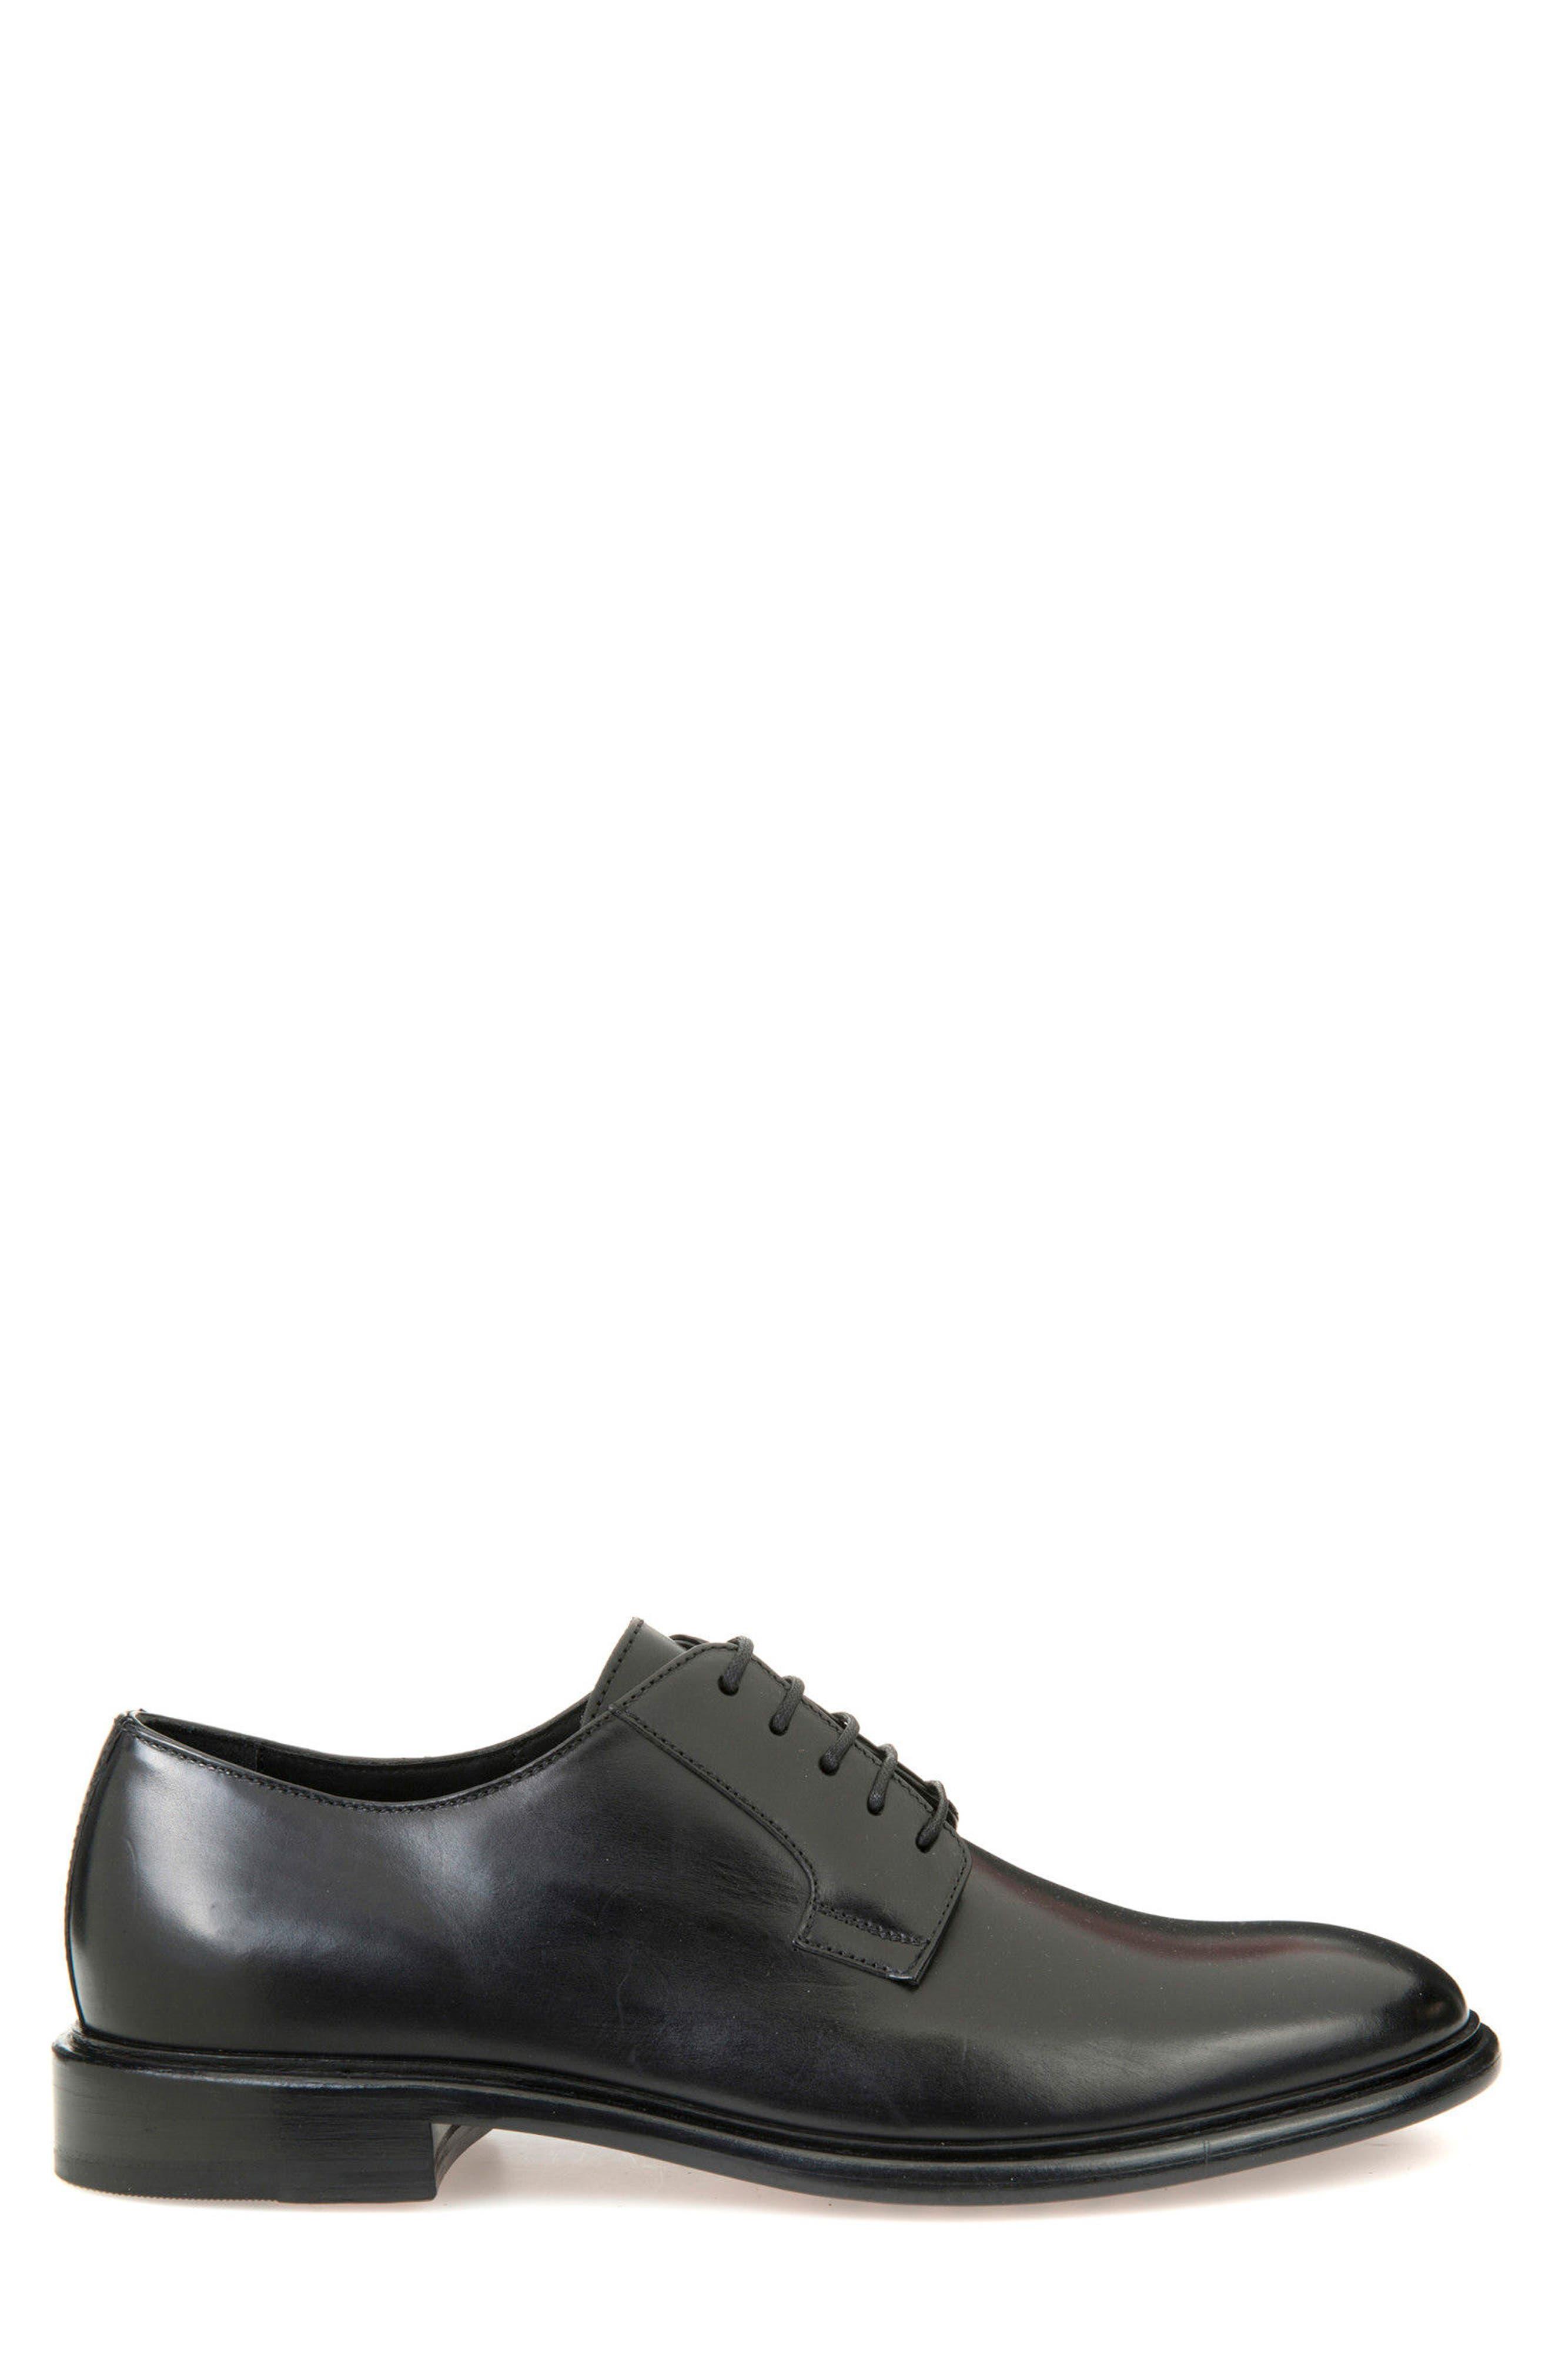 Guildford 7 Plain Toe Derby,                             Alternate thumbnail 3, color,                             001